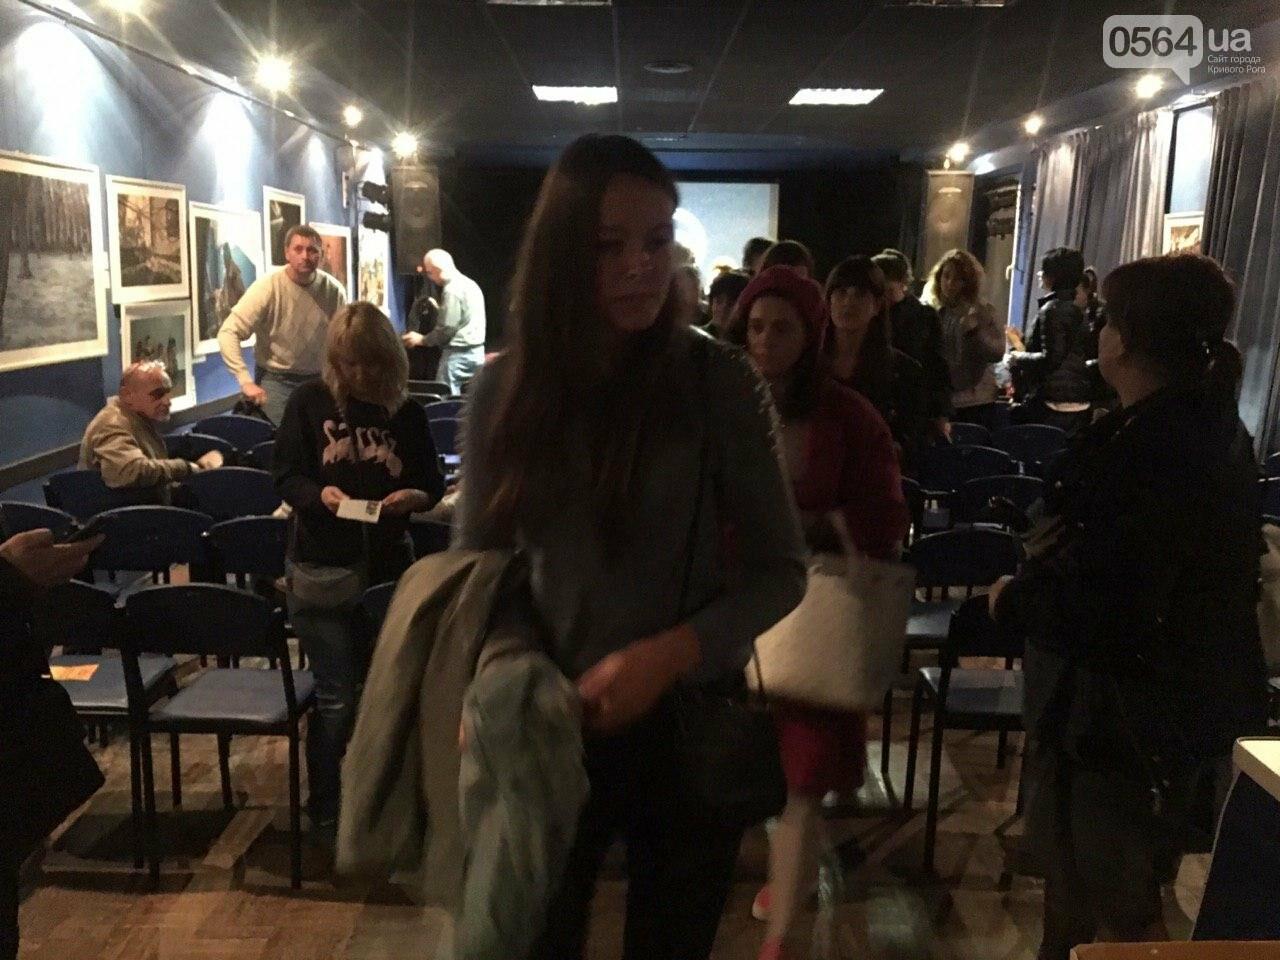 Криворожане проголосовали за лучшие короткометражные фильмы, показанные в рамках Манхеттенского фестиваля, - ФОТО, ВИДЕО , фото-7